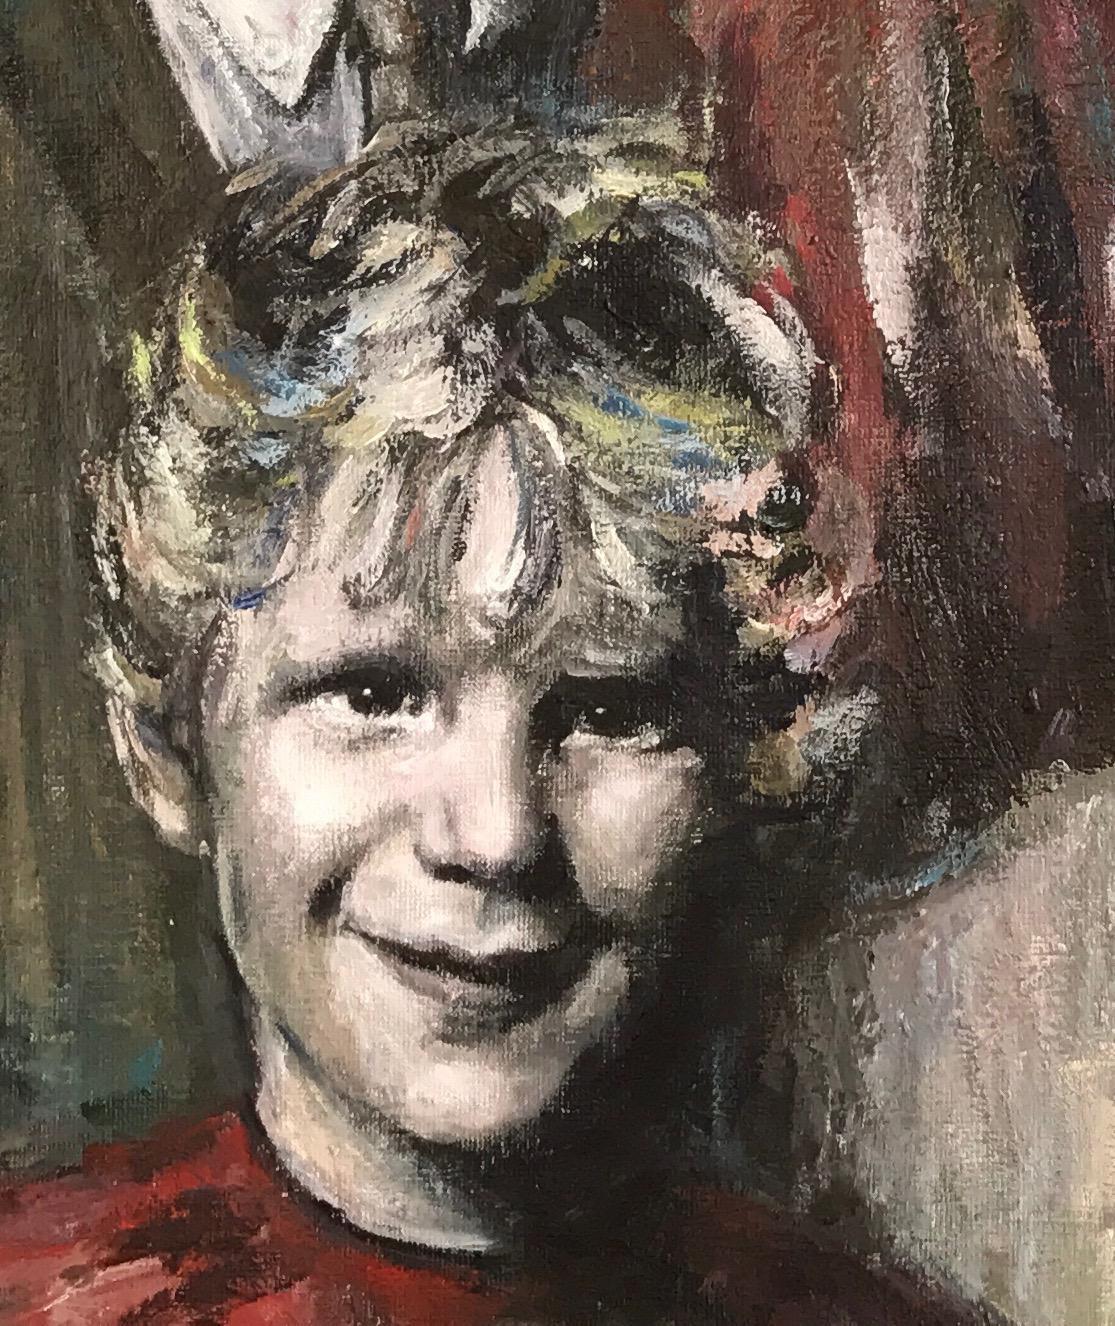 Girl (detail family portrait)